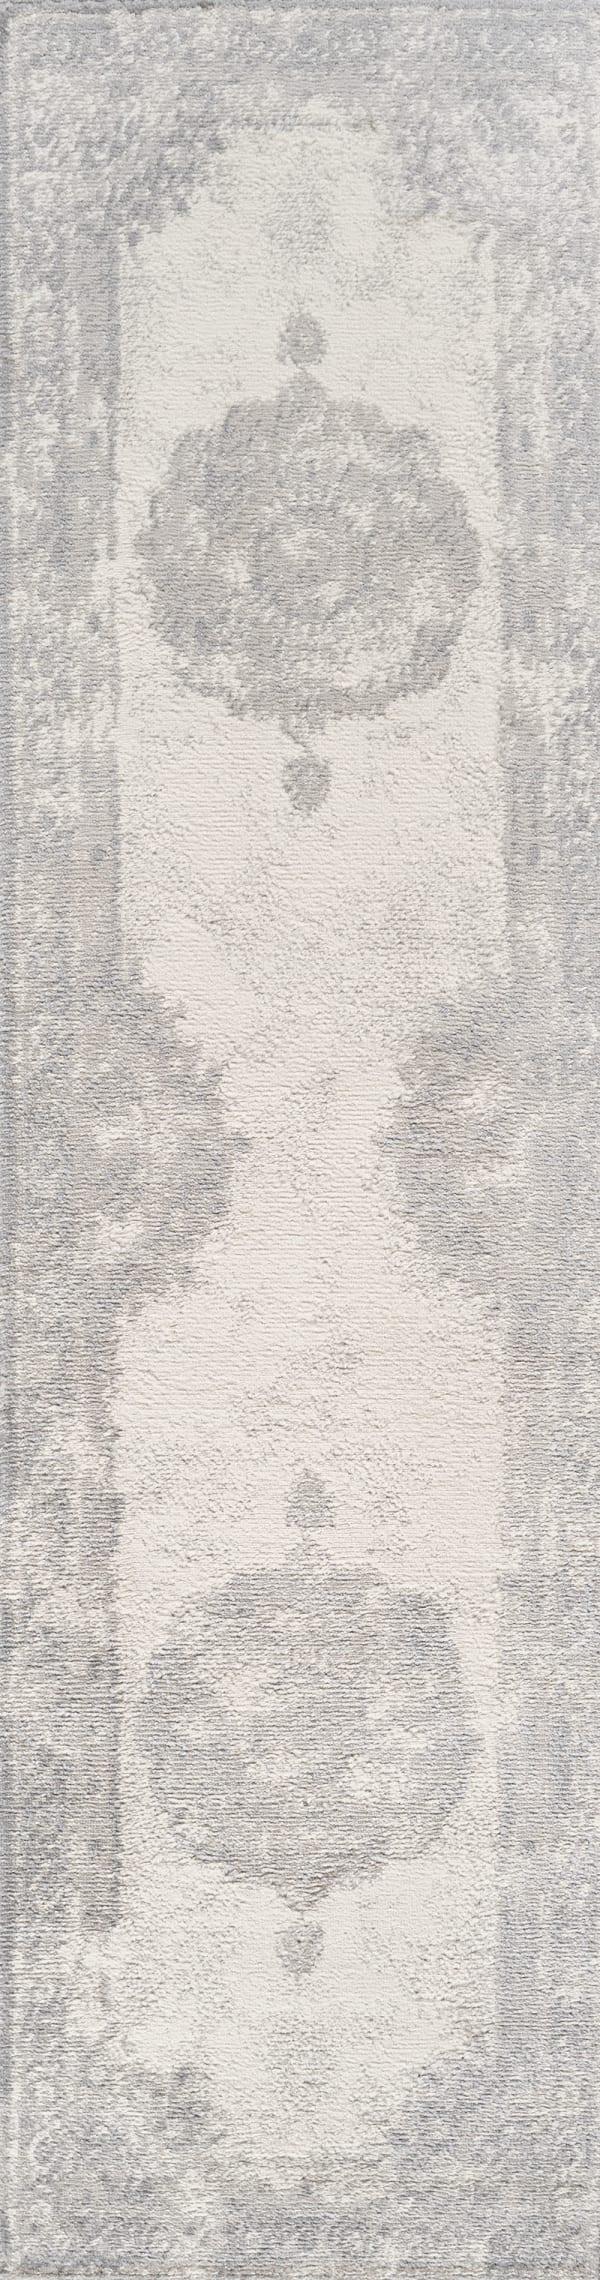 Cottage Medallion Gray/Ivory  2' x 8' Runner Rug